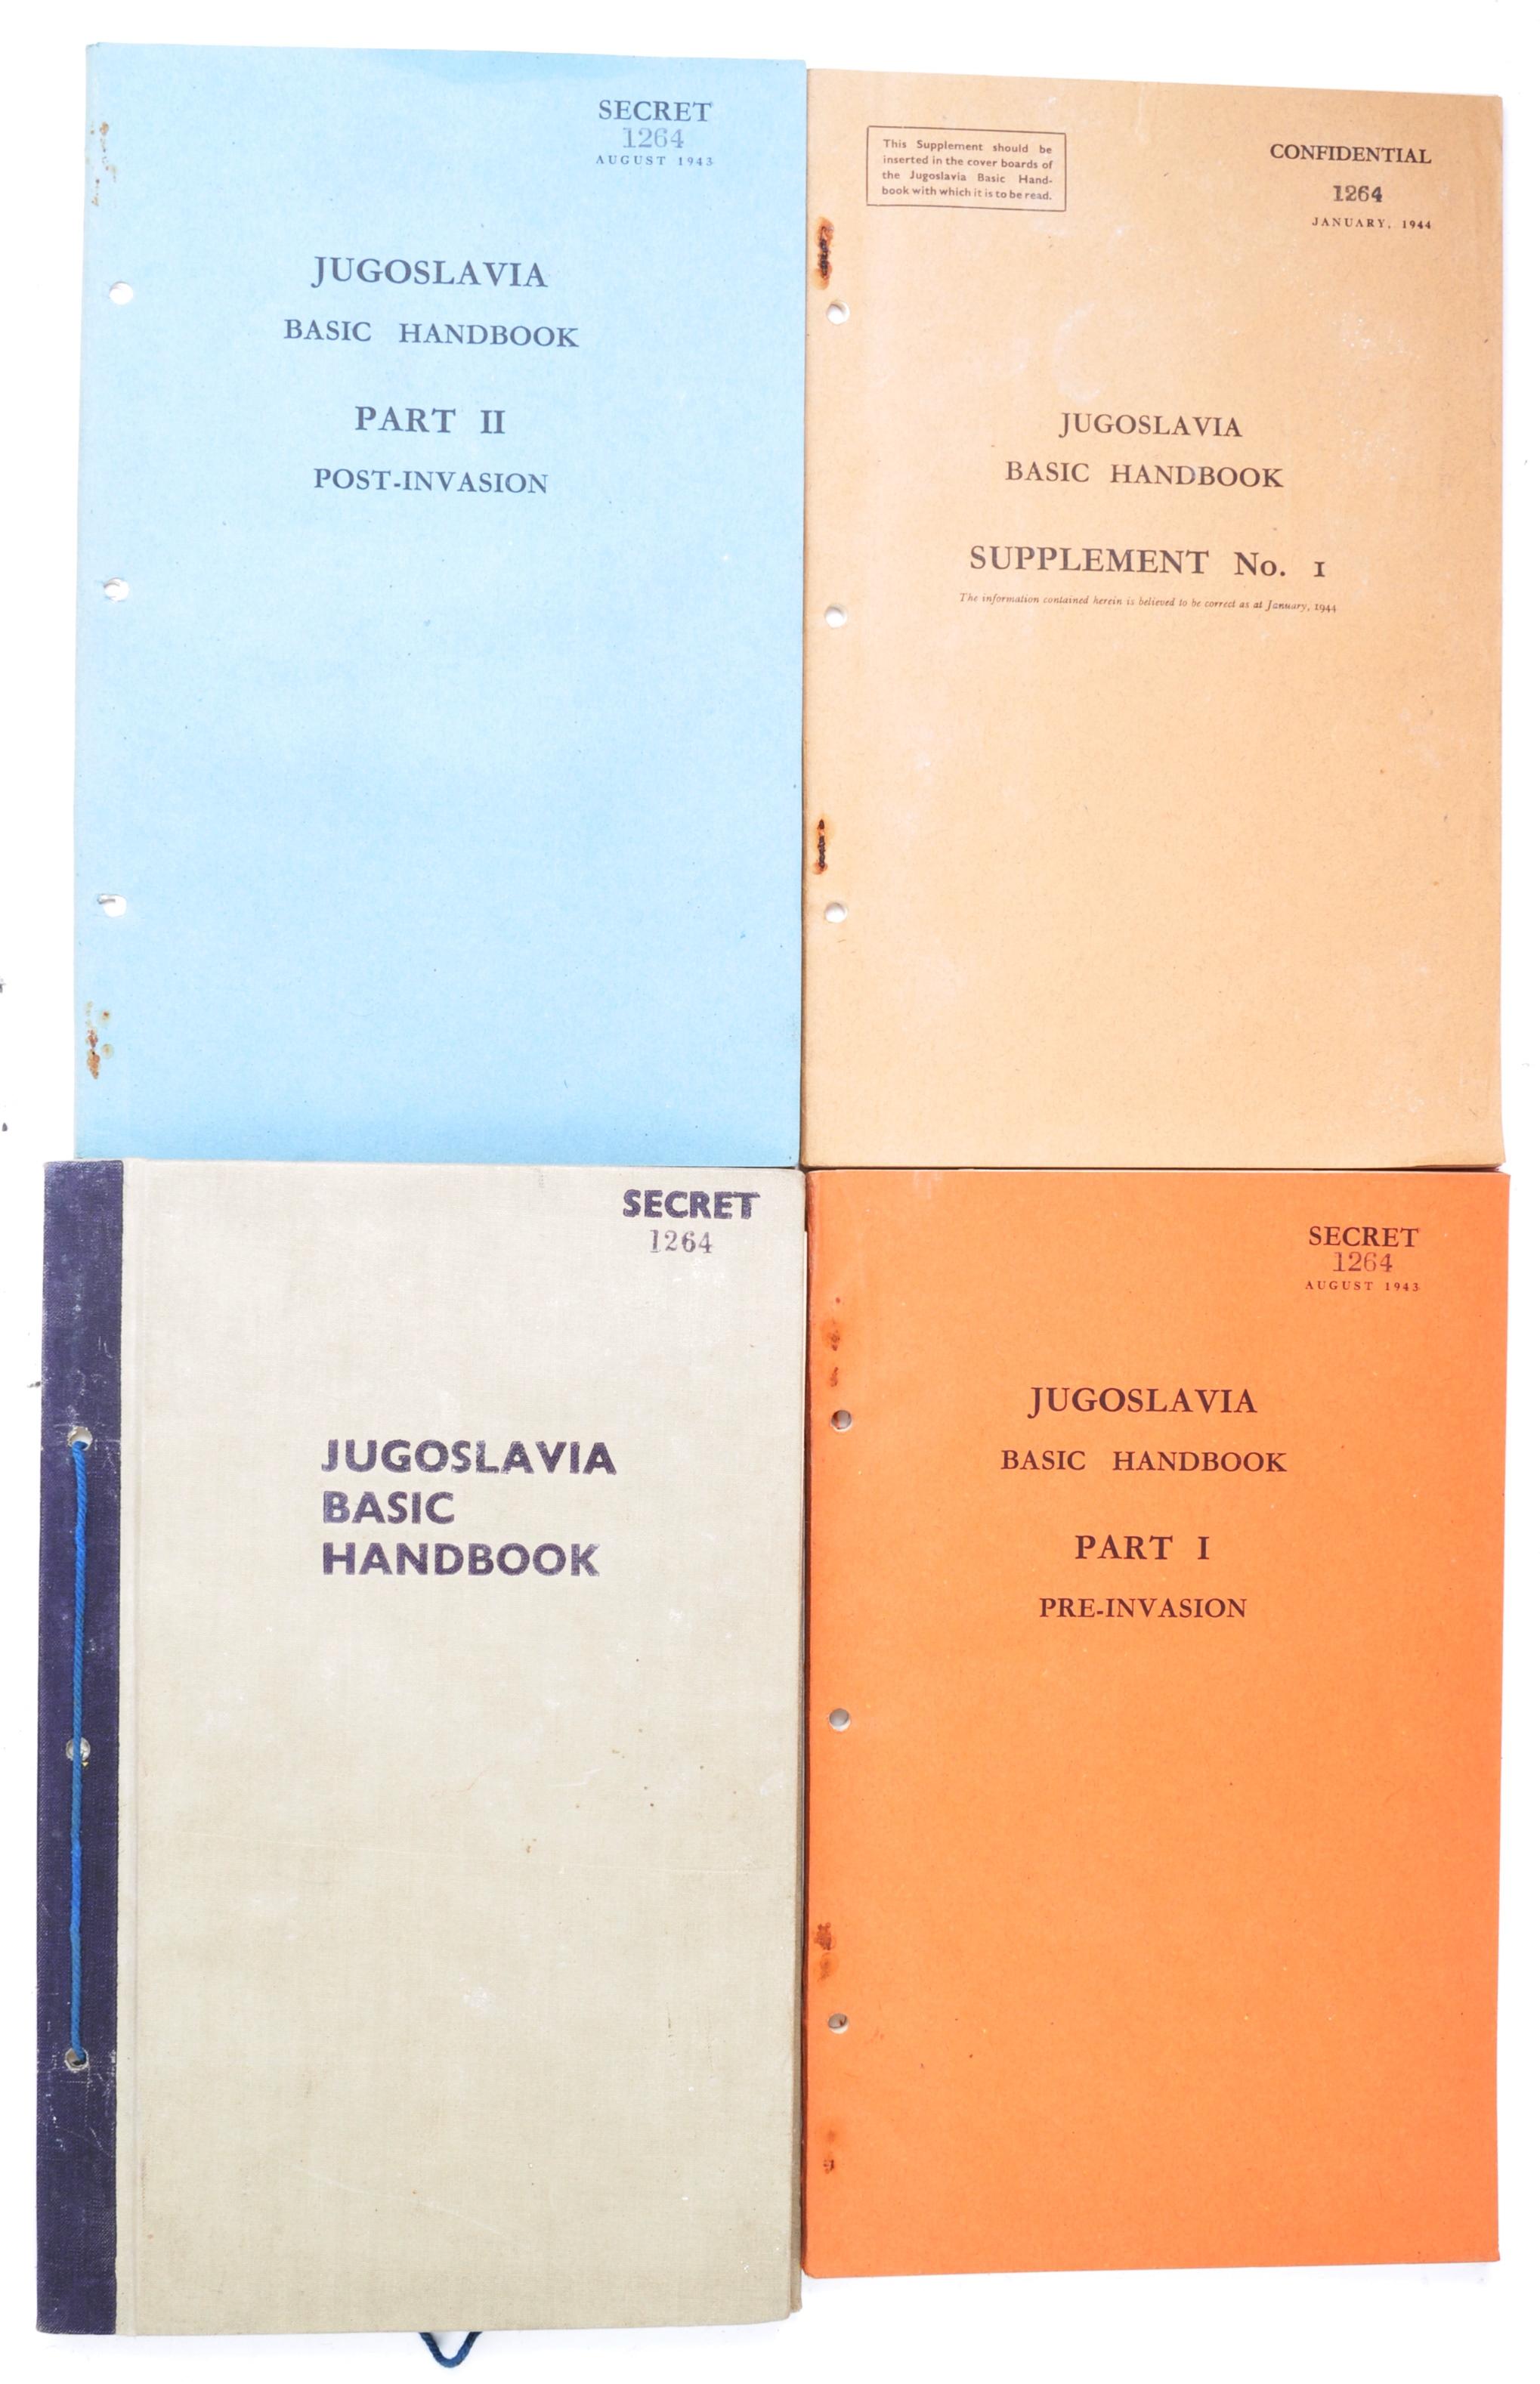 RARE ORIGINAL WWII 'SECRET' JUGOSLAVIA BRITISH HANDBOOKS